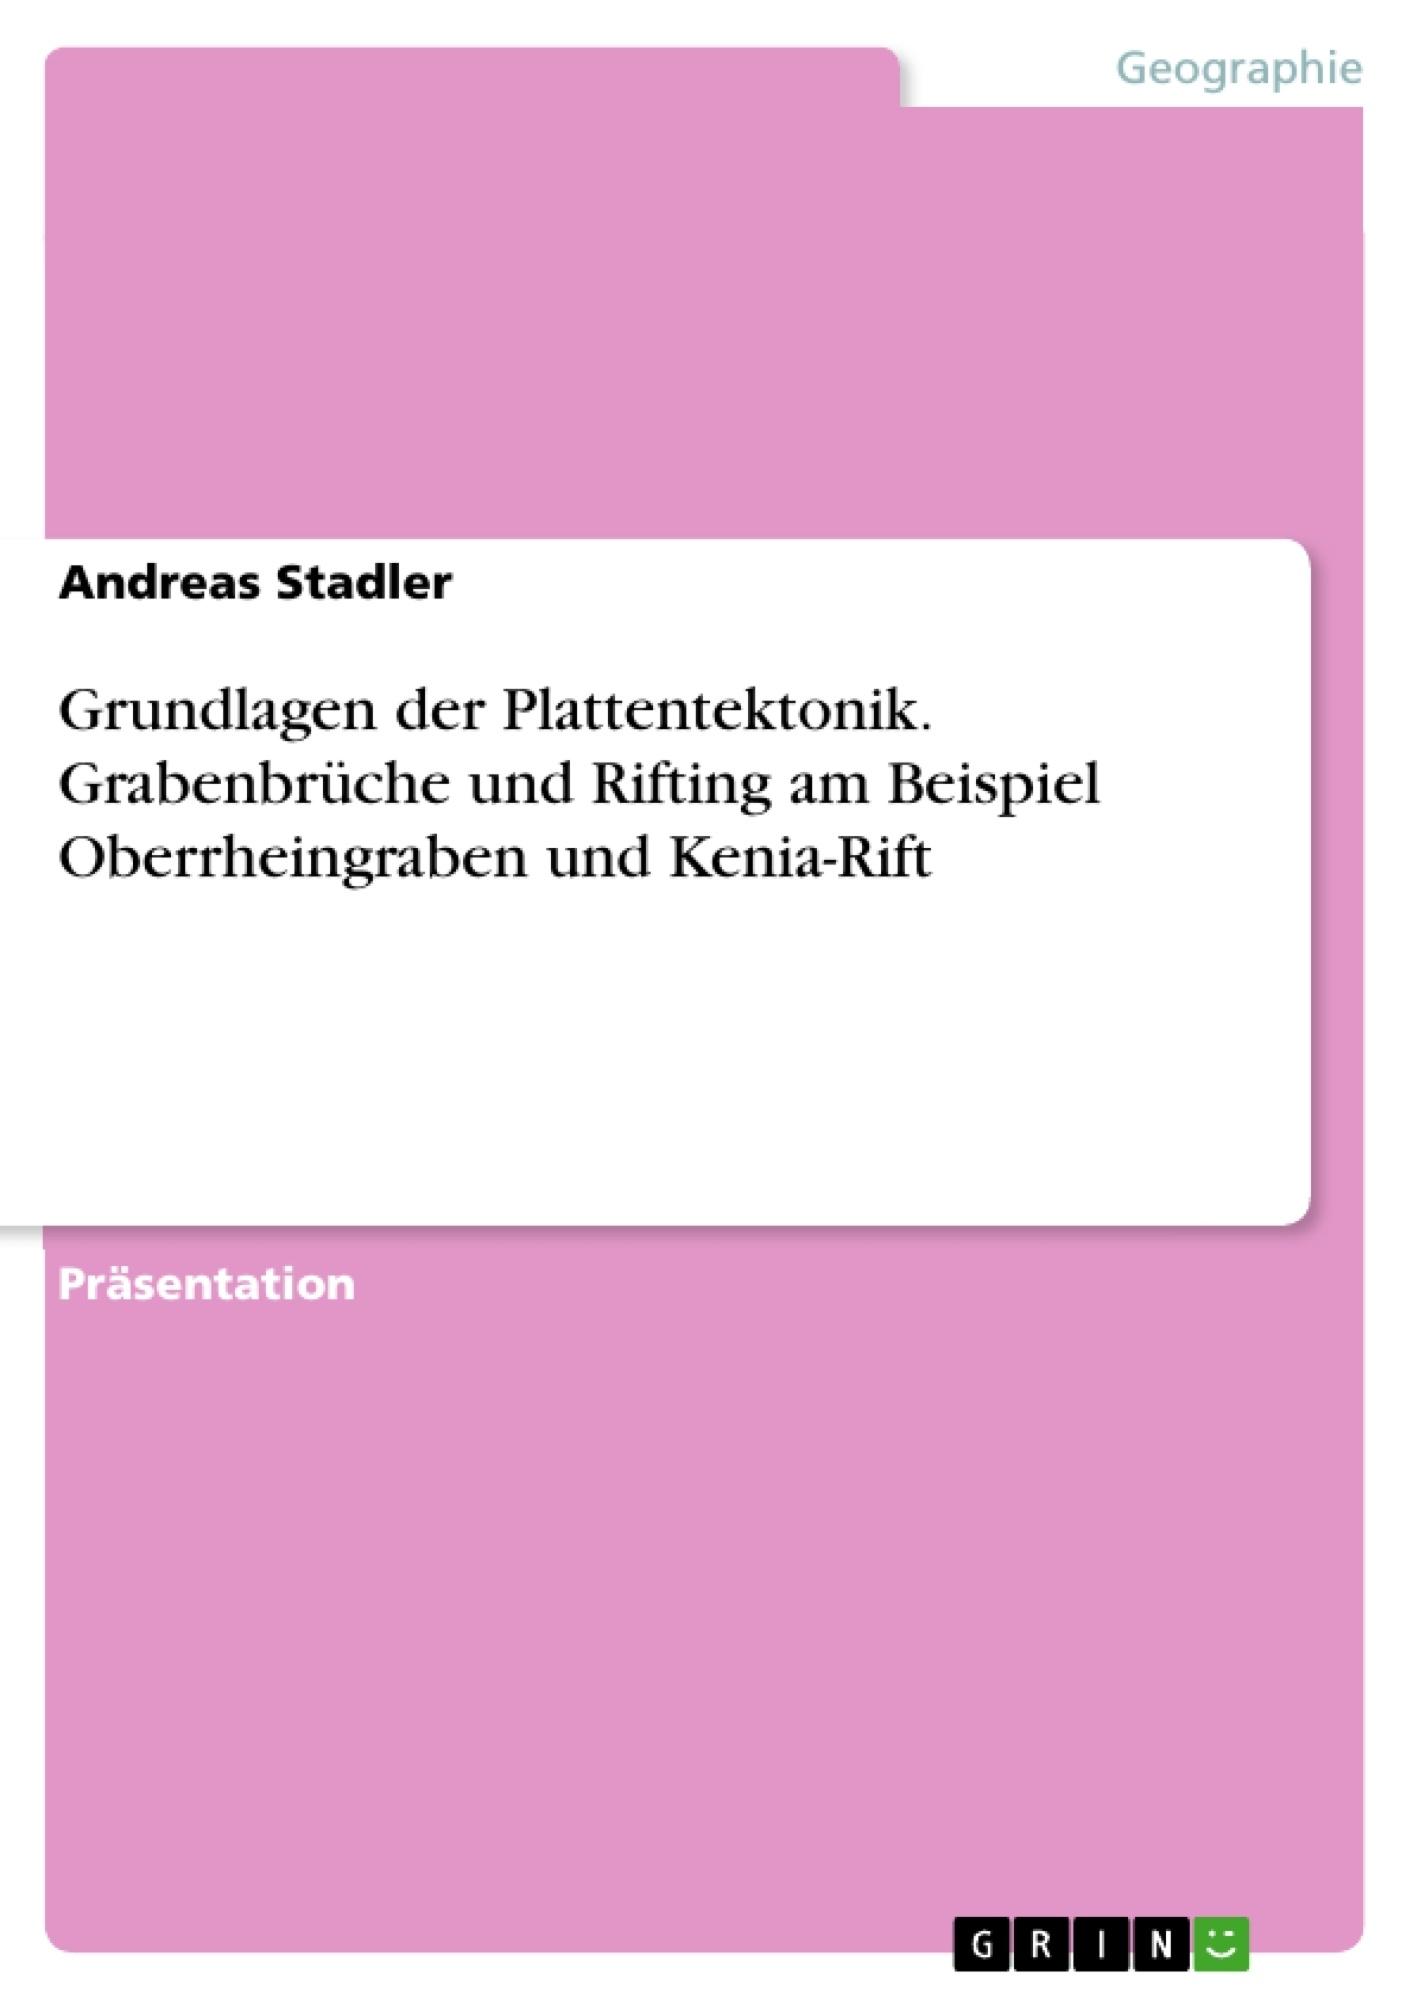 Titel: Grundlagen der Plattentektonik. Grabenbrüche und Rifting am Beispiel Oberrheingraben und Kenia-Rift